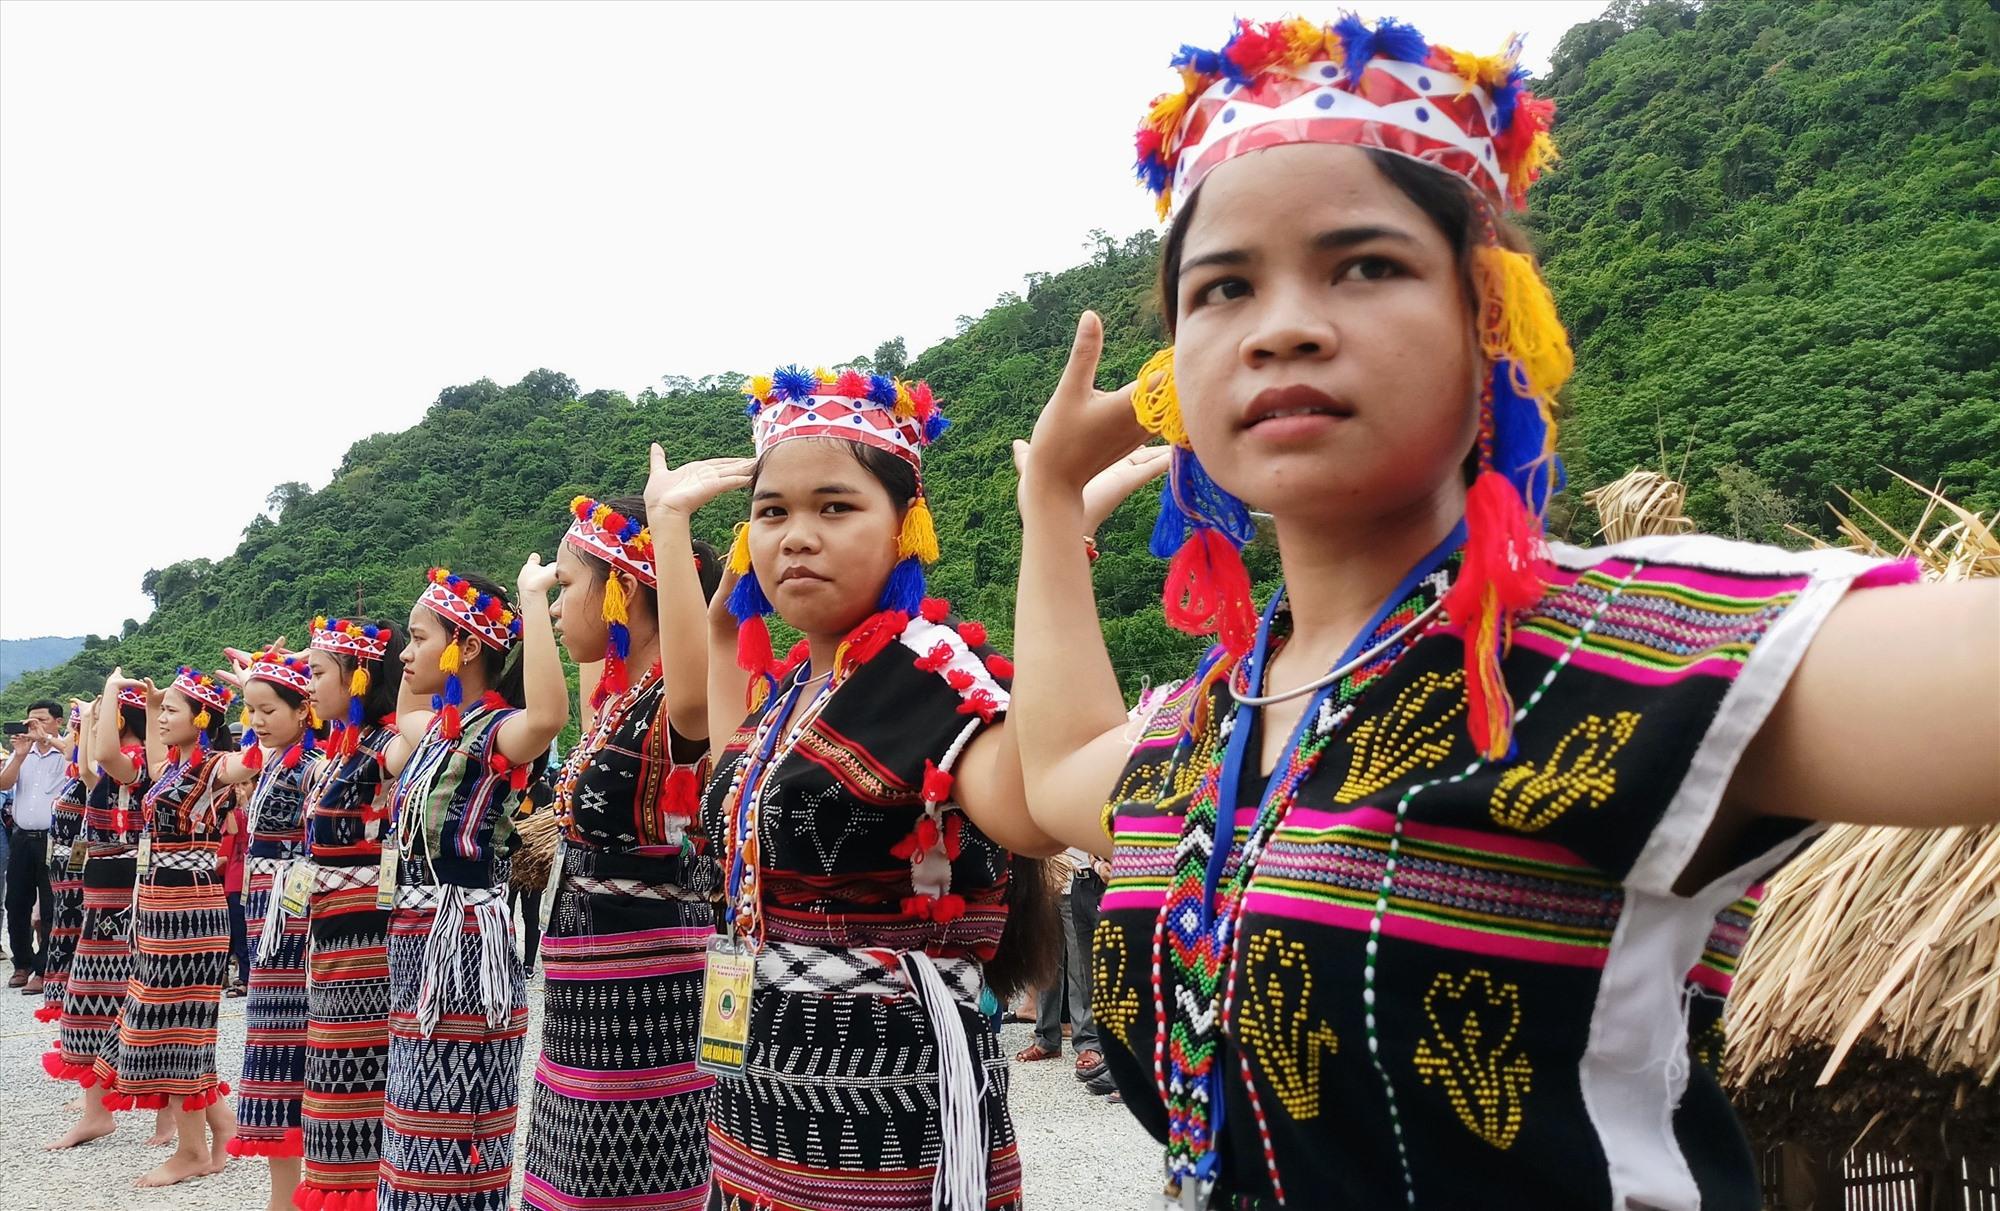 Cơ Tu là một trong 4 tộc người chính của đồng bào dân tộc thiểu số Quảng Nam. Trong ảnh: Các cô gái Cơ Tu với vũ điệu tâng tung da dá. Ảnh: Alăng Ngước